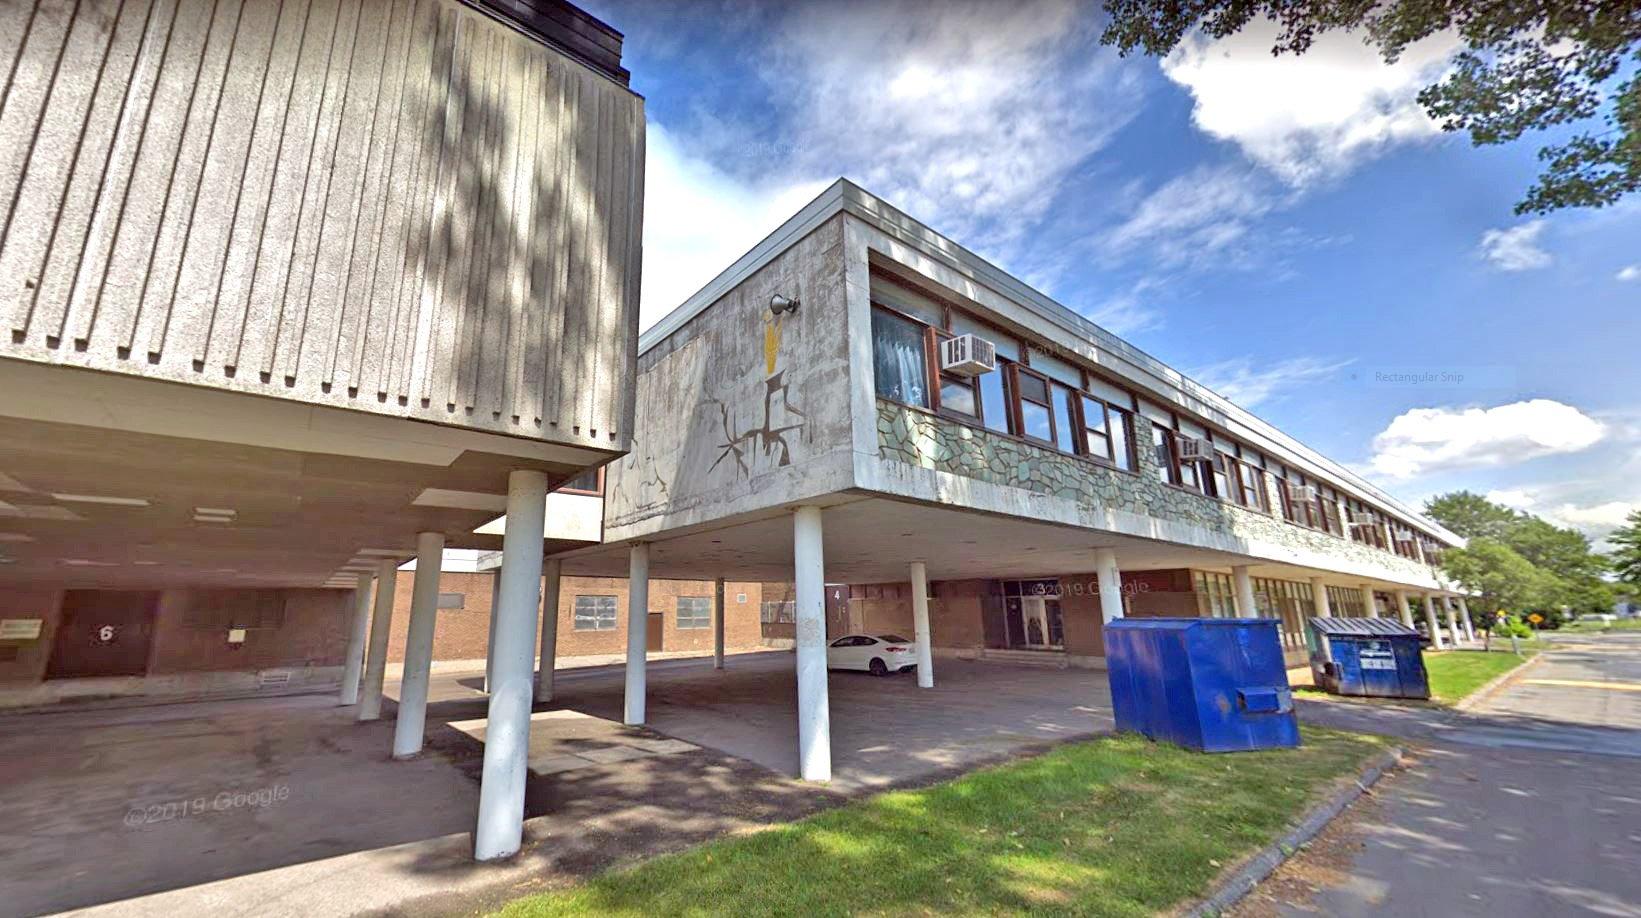 COVID preventive measures taken at École secondaire Saint-Maxime